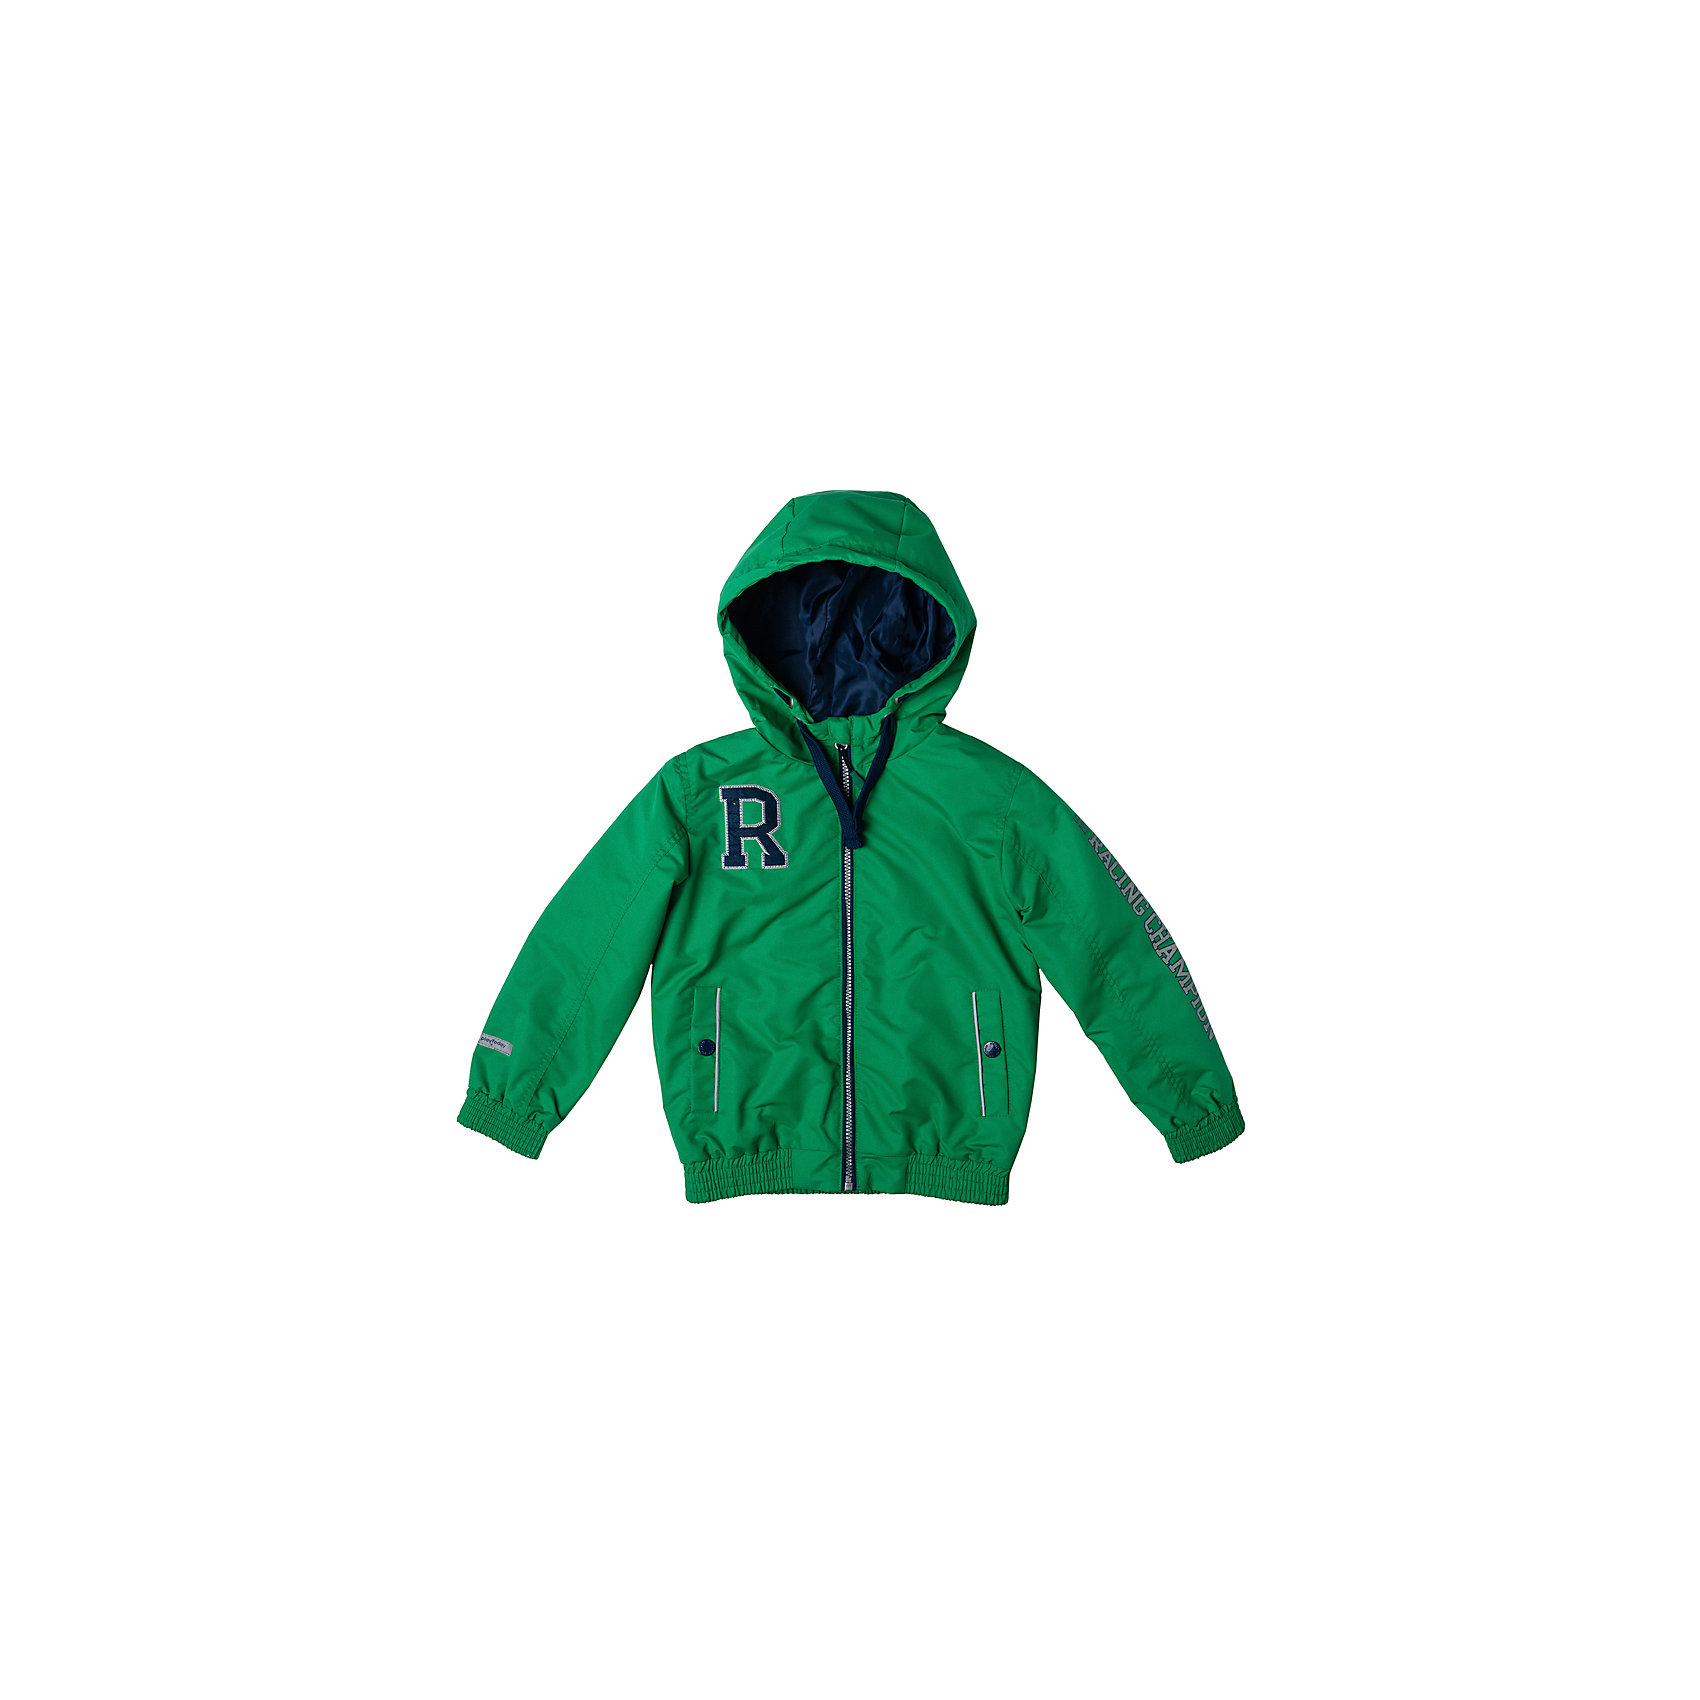 Куртка для мальчика PlayTodayВерхняя одежда<br>Характеристики товара:<br><br>• цвет: зеленый<br>• состав: 100% полиэстер, подкладка: 100% полиэстер<br>• без утеплителя<br>• температурный режим: от +10°С до +20°С<br>• декорирована вышивкой<br>• карманы<br>• защита подбородка<br>• молния<br>• эластичные манжеты<br>• светоотражающие элементы<br>• капюшон<br>• коллекция: весна-лето 2017<br>• страна бренда: Германия<br>• страна производства: Китай<br><br>Популярный бренд PlayToday выпустил новую коллекцию! Вещи из неё продолжают радовать покупателей удобством, стильным дизайном и продуманным кроем. Дети носят их с удовольствием. PlayToday - это линейка товаров, созданная специально для детей. Дизайнеры учитывают новые веяния моды и потребности детей. Порадуйте ребенка обновкой от проверенного производителя!<br>Такая демисезонная куртка обеспечит ребенку комфорт благодаря качественному материалу и продуманному крою. С помощью этой модели можно удобно одеться по погоде. Очень модная модель! Отлично подходит для переменной погоды межсезонья.<br><br>Куртку для мальчика от известного бренда PlayToday можно купить в нашем интернет-магазине.<br><br>Ширина мм: 356<br>Глубина мм: 10<br>Высота мм: 245<br>Вес г: 519<br>Цвет: белый<br>Возраст от месяцев: 84<br>Возраст до месяцев: 96<br>Пол: Мужской<br>Возраст: Детский<br>Размер: 128,98,104,110,116,122<br>SKU: 5401908